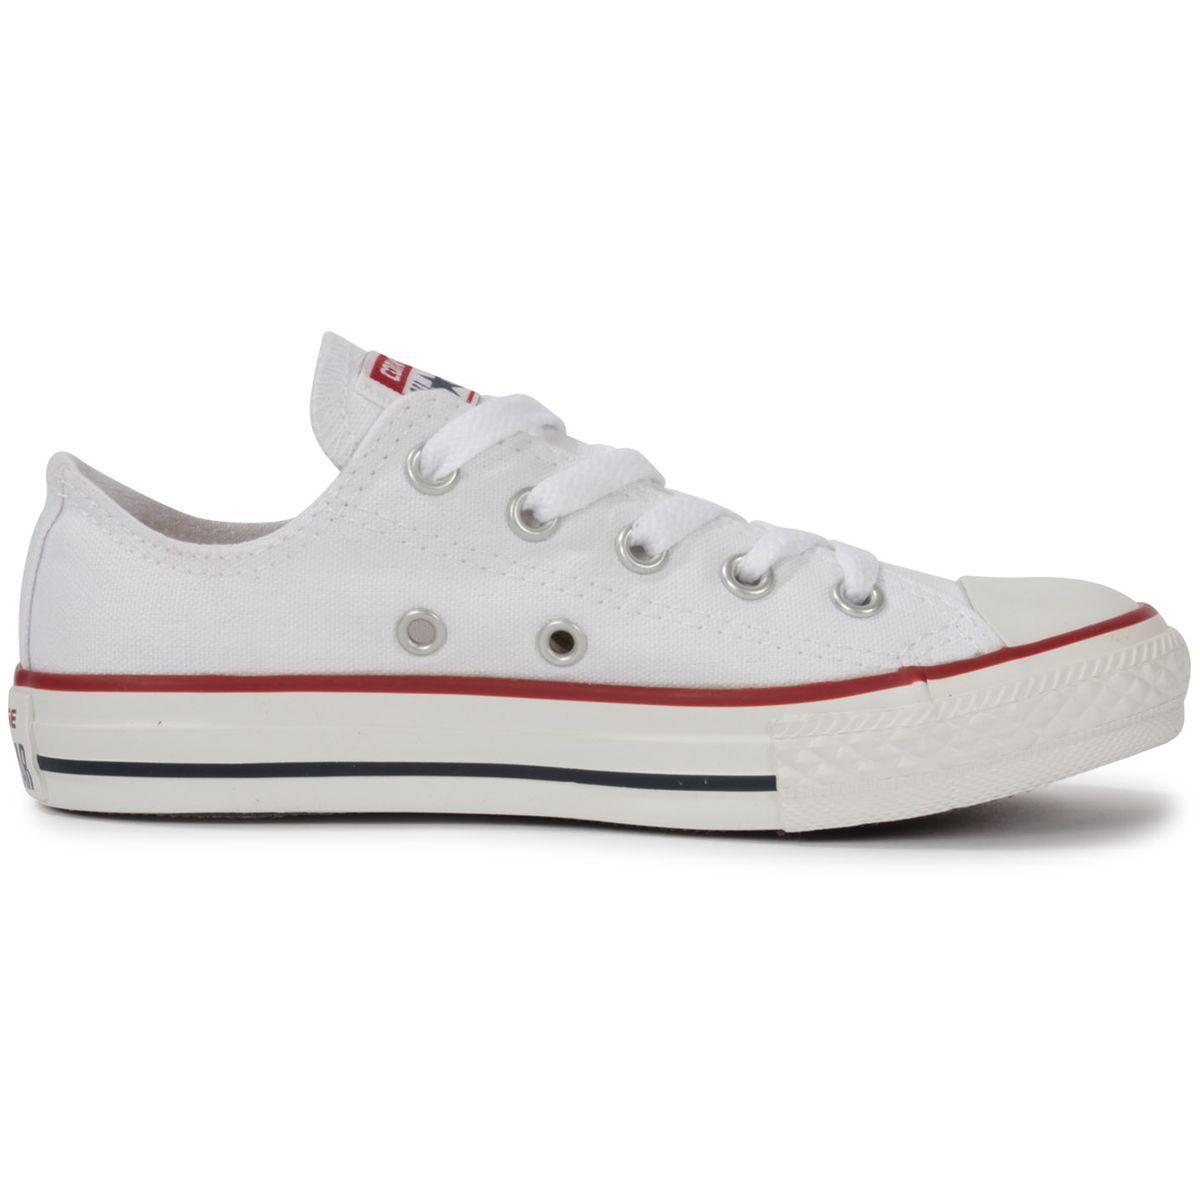 chaussure converse enfant montante